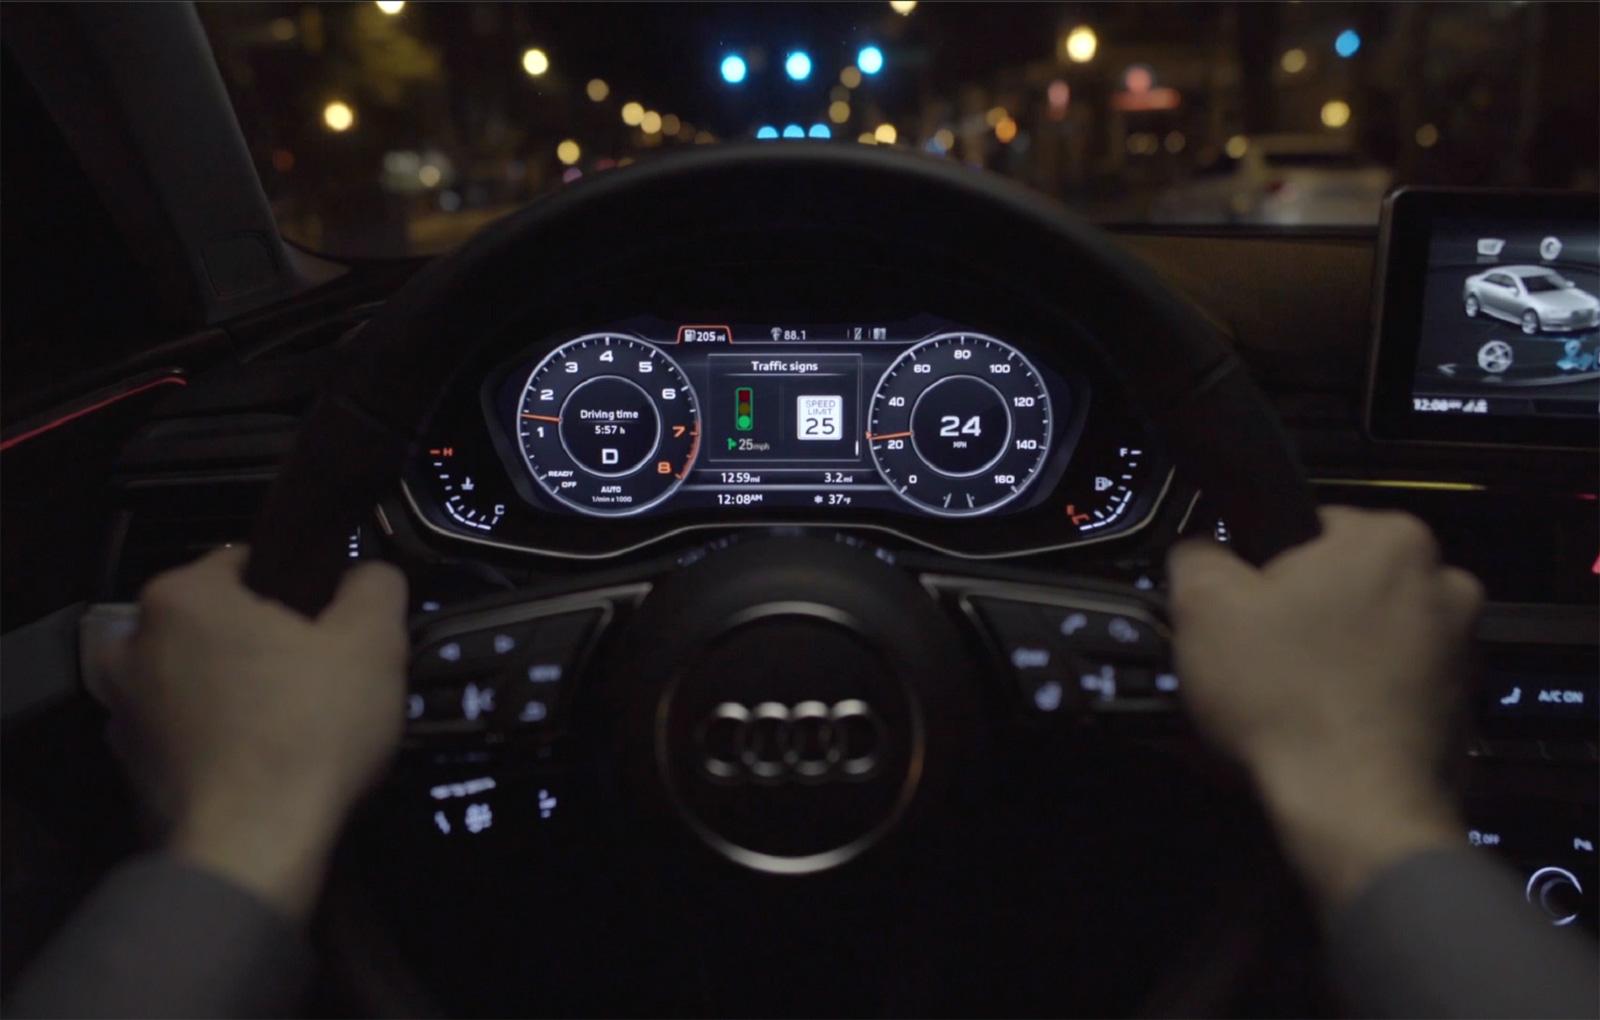 Inovatie de la AUDI: sistemul asta iti spune viteza optima pentru a nu mai stationa la semafor